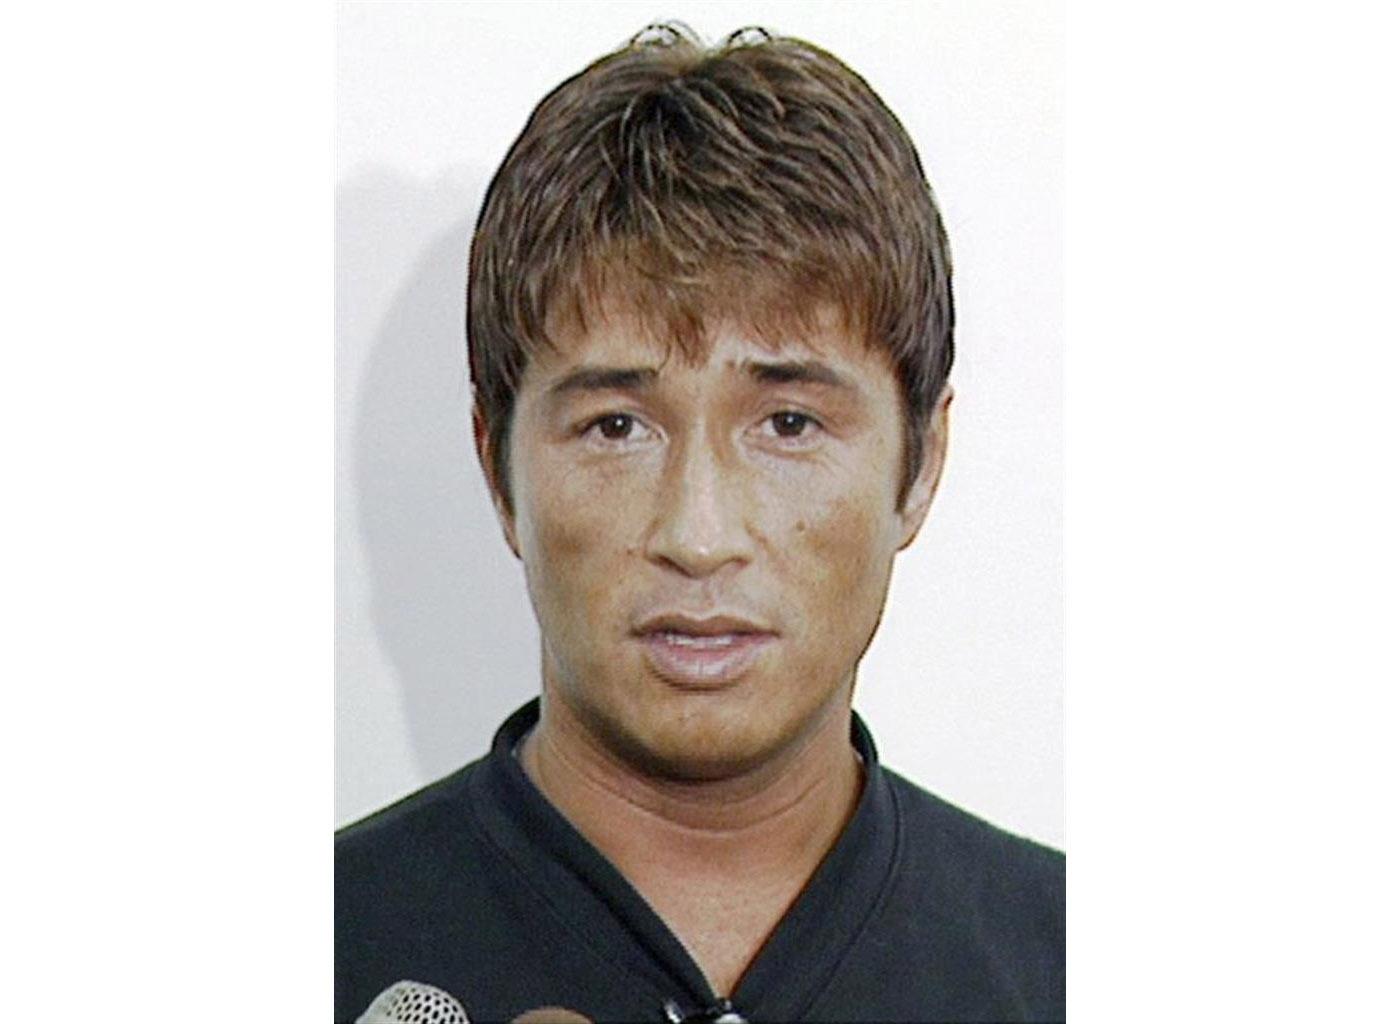 羽賀研二 今 現在 画像 嫁 山田麻由 逮捕 若い頃 昔